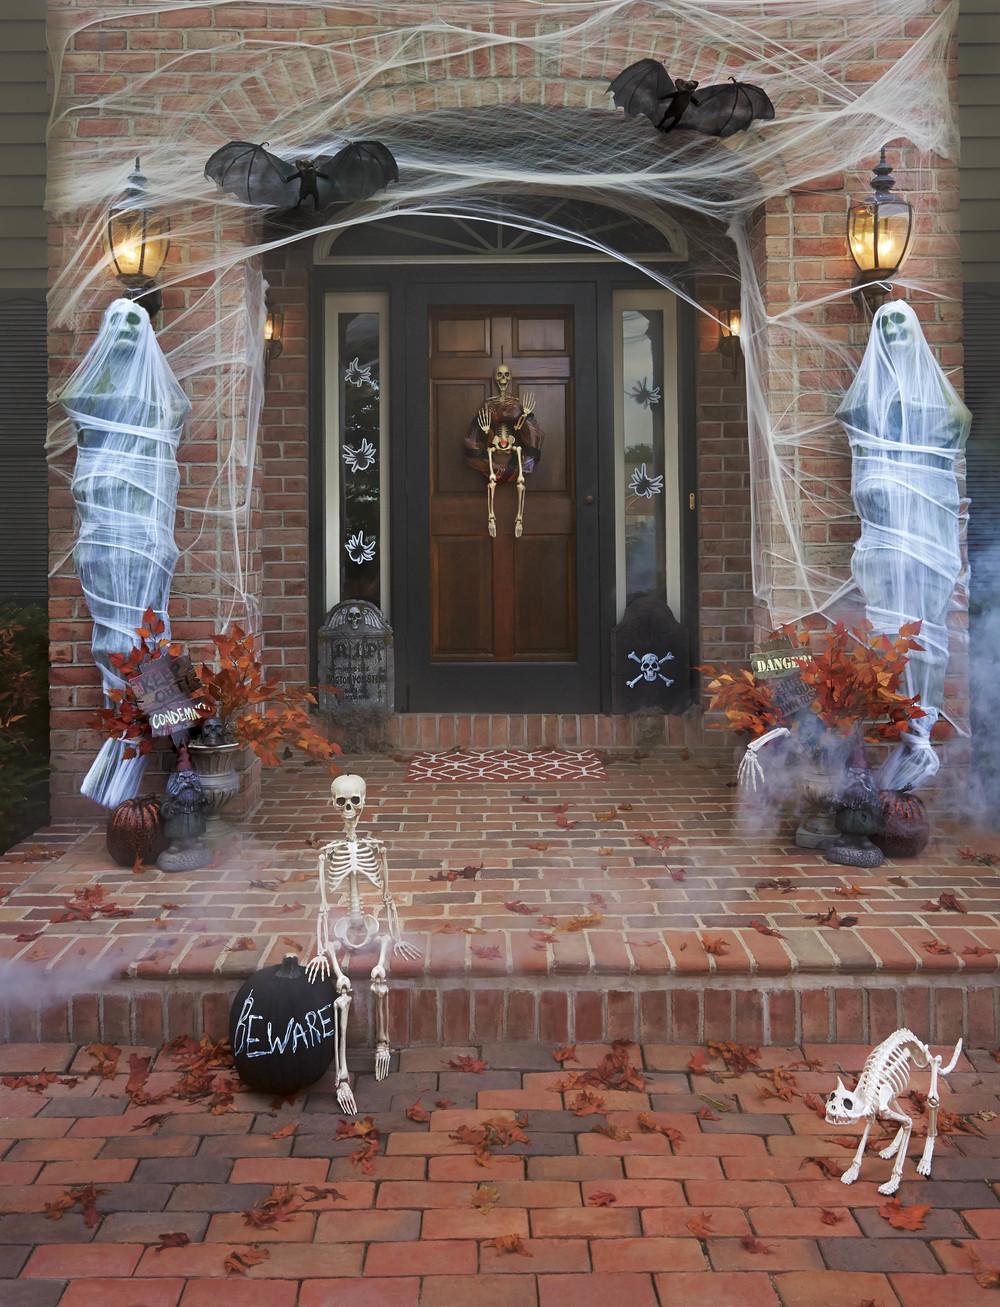 Scary_Indoor_outdoor (2).jpg